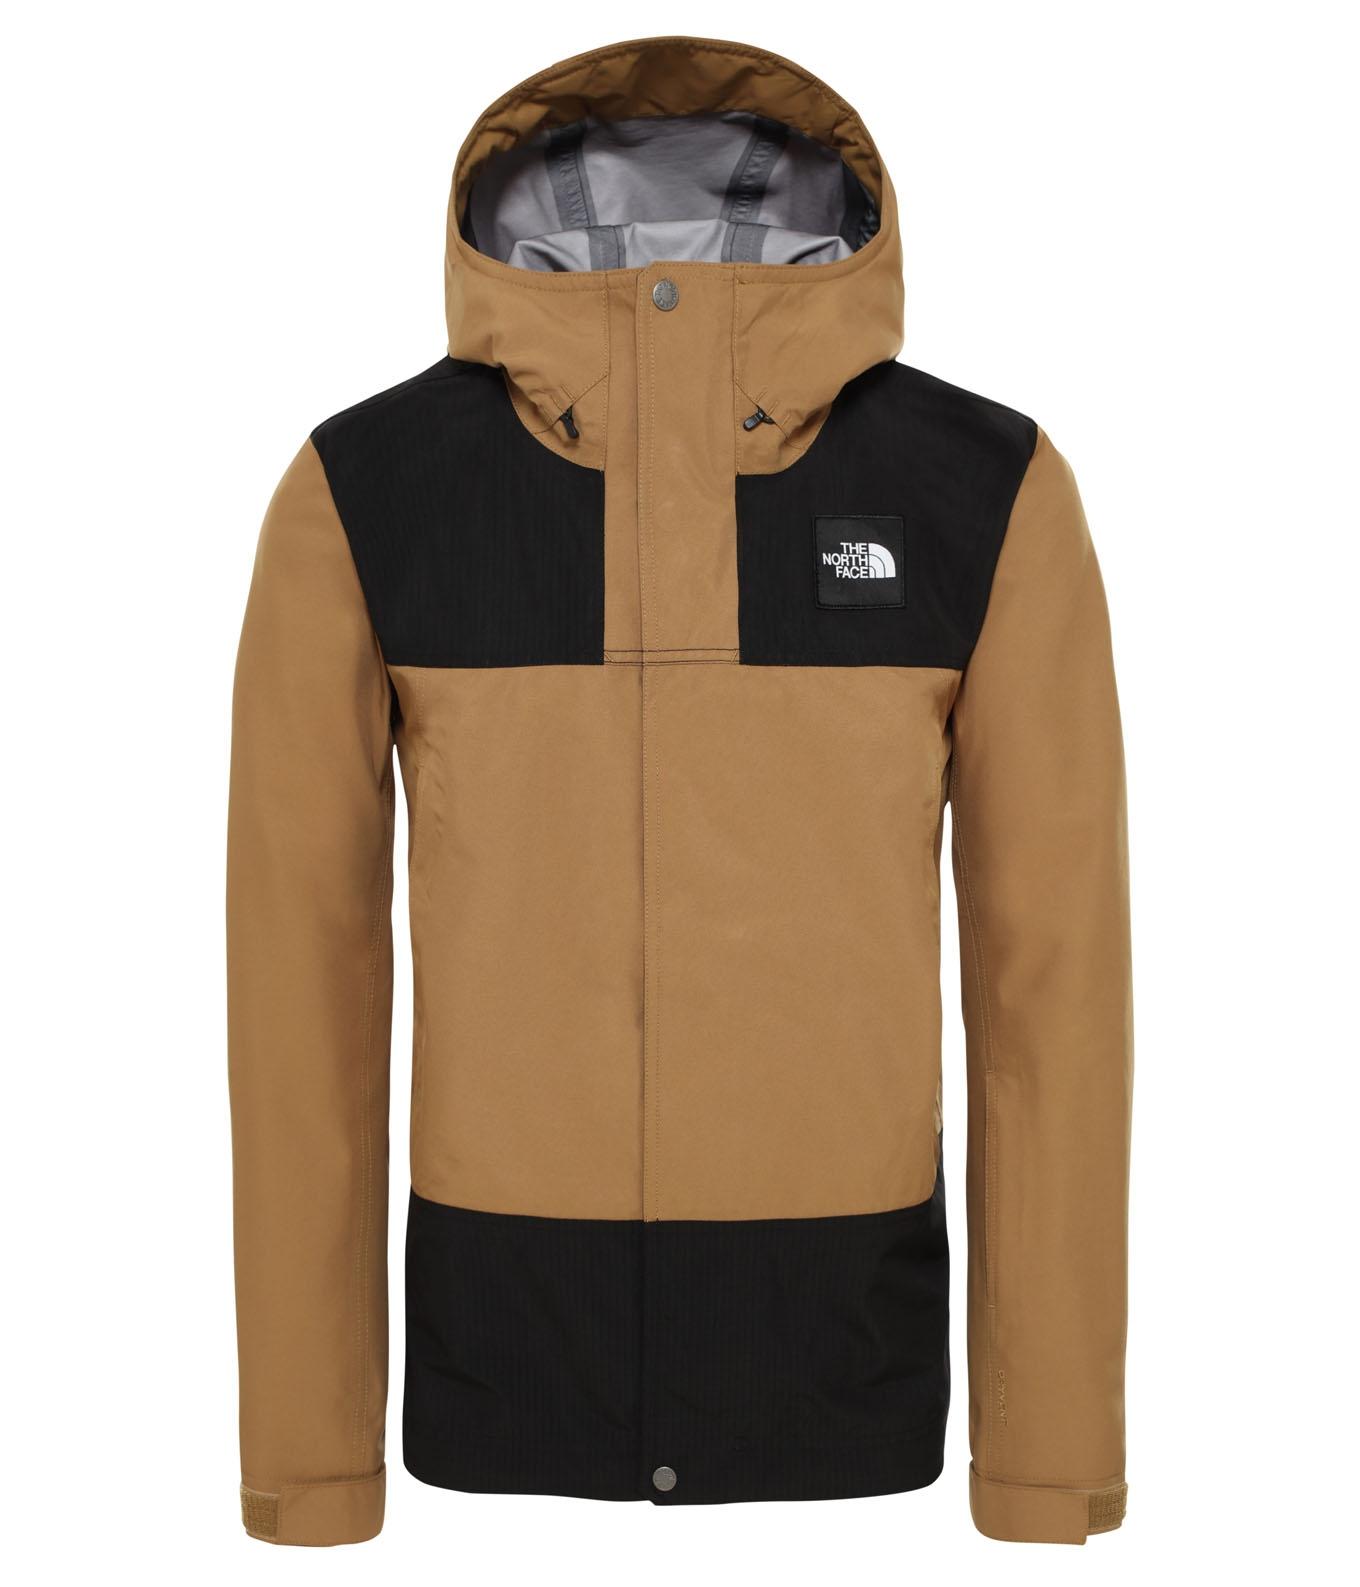 Veste De Ski The North Face Uni Drt Jacket Khaki Black